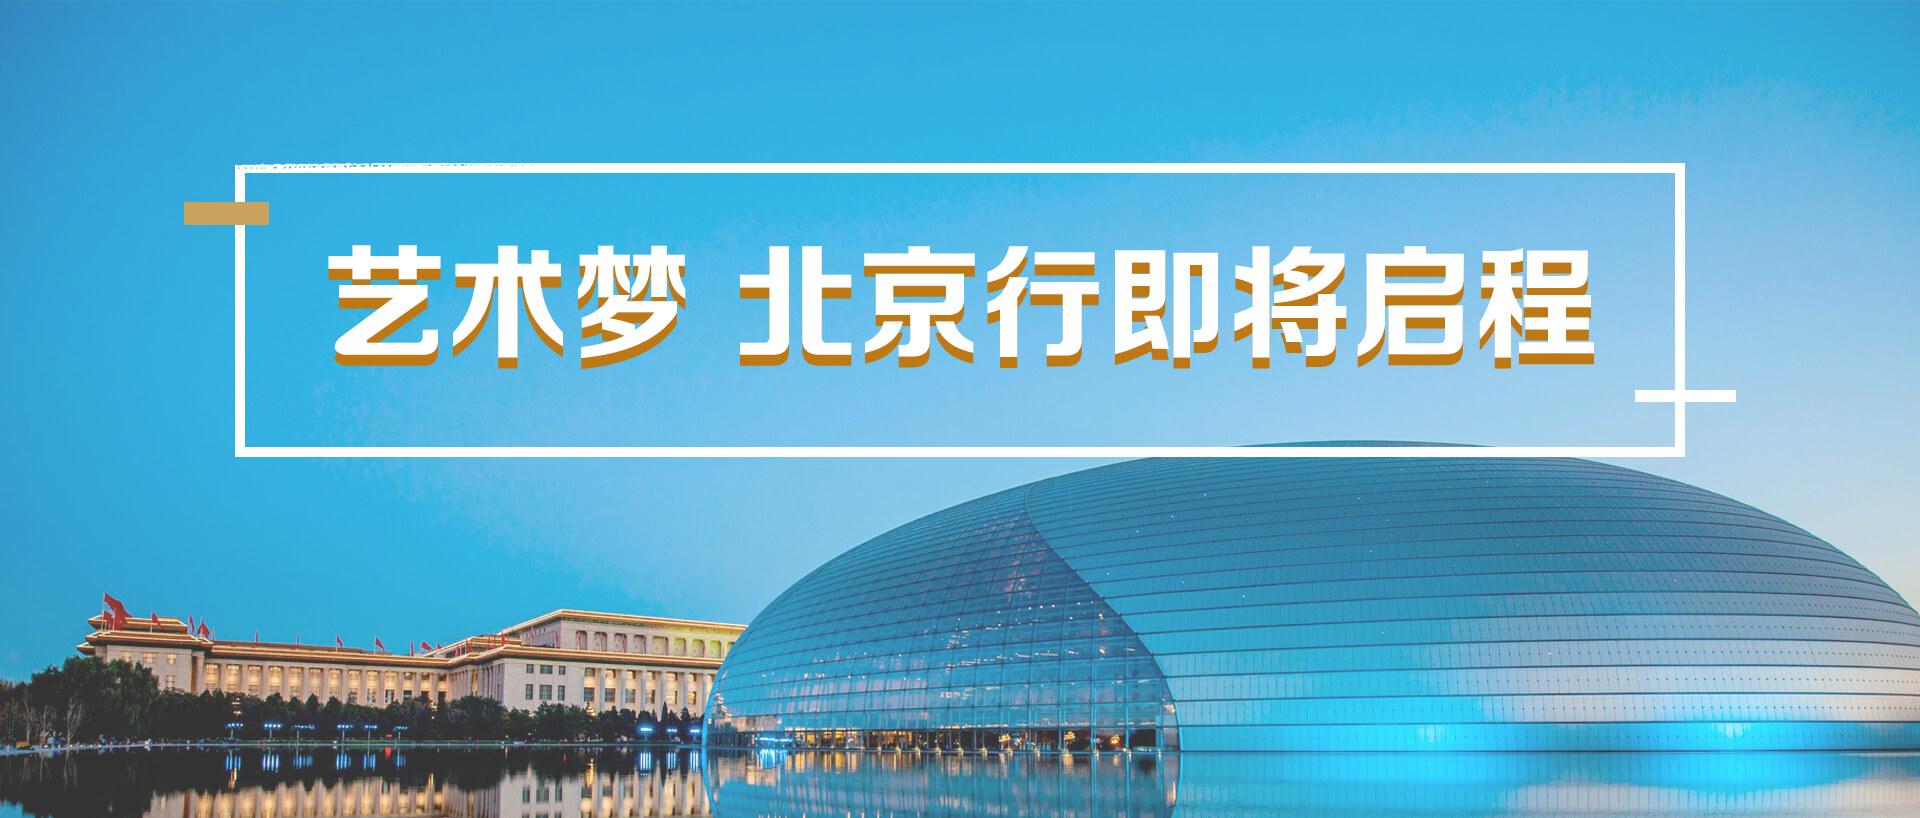 藝術夢 北京行即將啟程 | 六天五晚音樂夢想之旅,期待你加入!